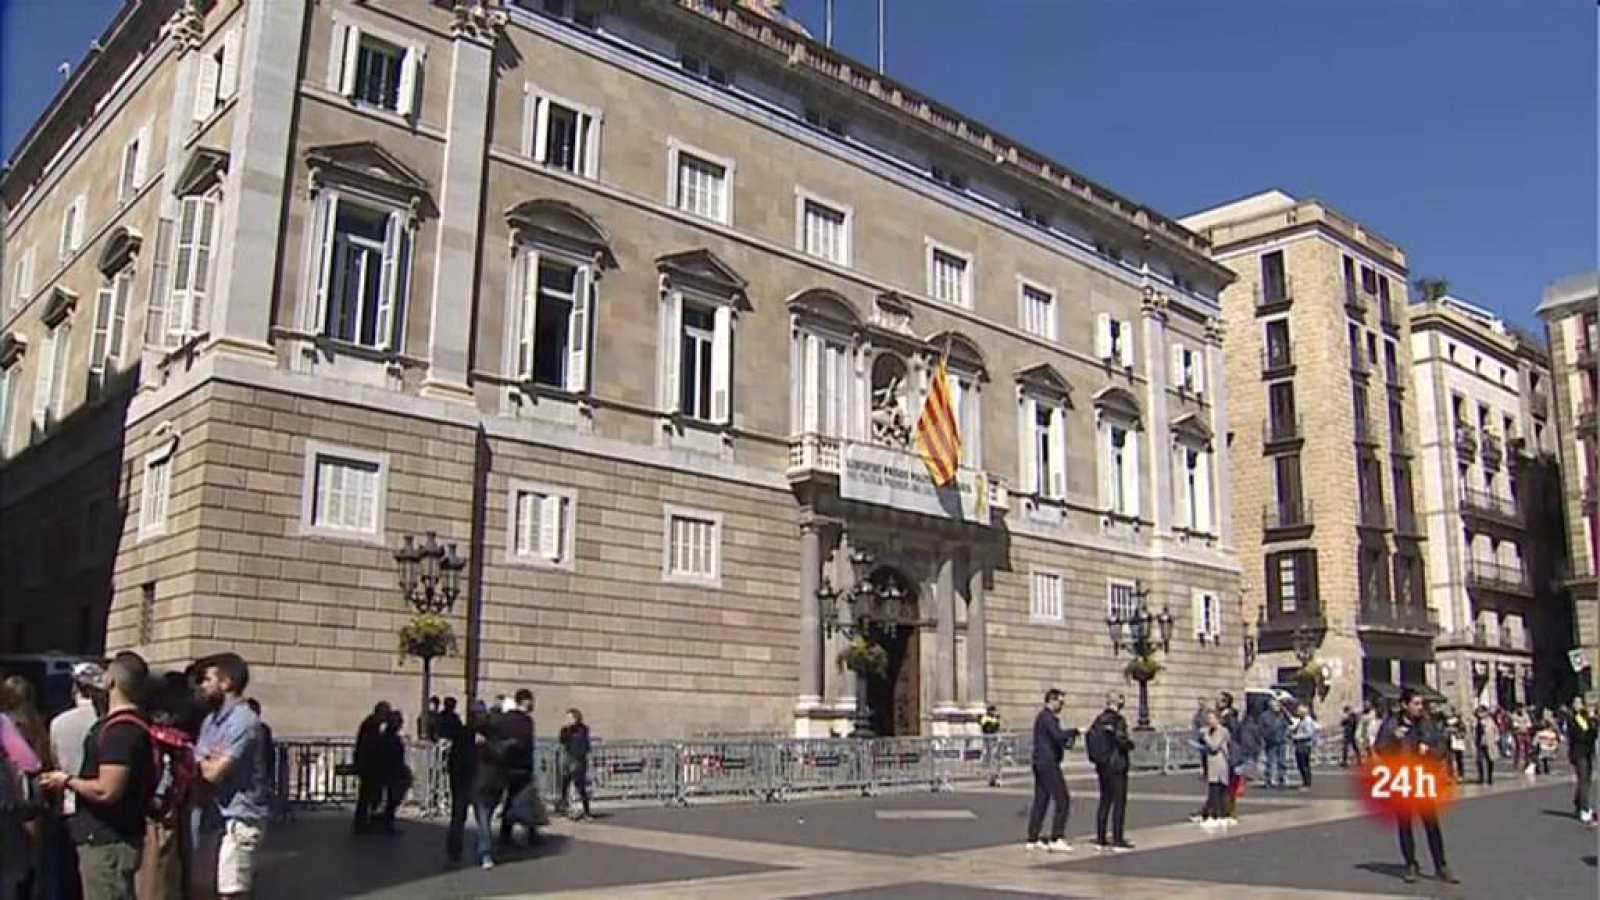 Vídeo sobre l'anàlisi de l'actualitat política sobre els llaços grocs i confeccions de les llistes electorals. Vespre 24 del 18/03/2019